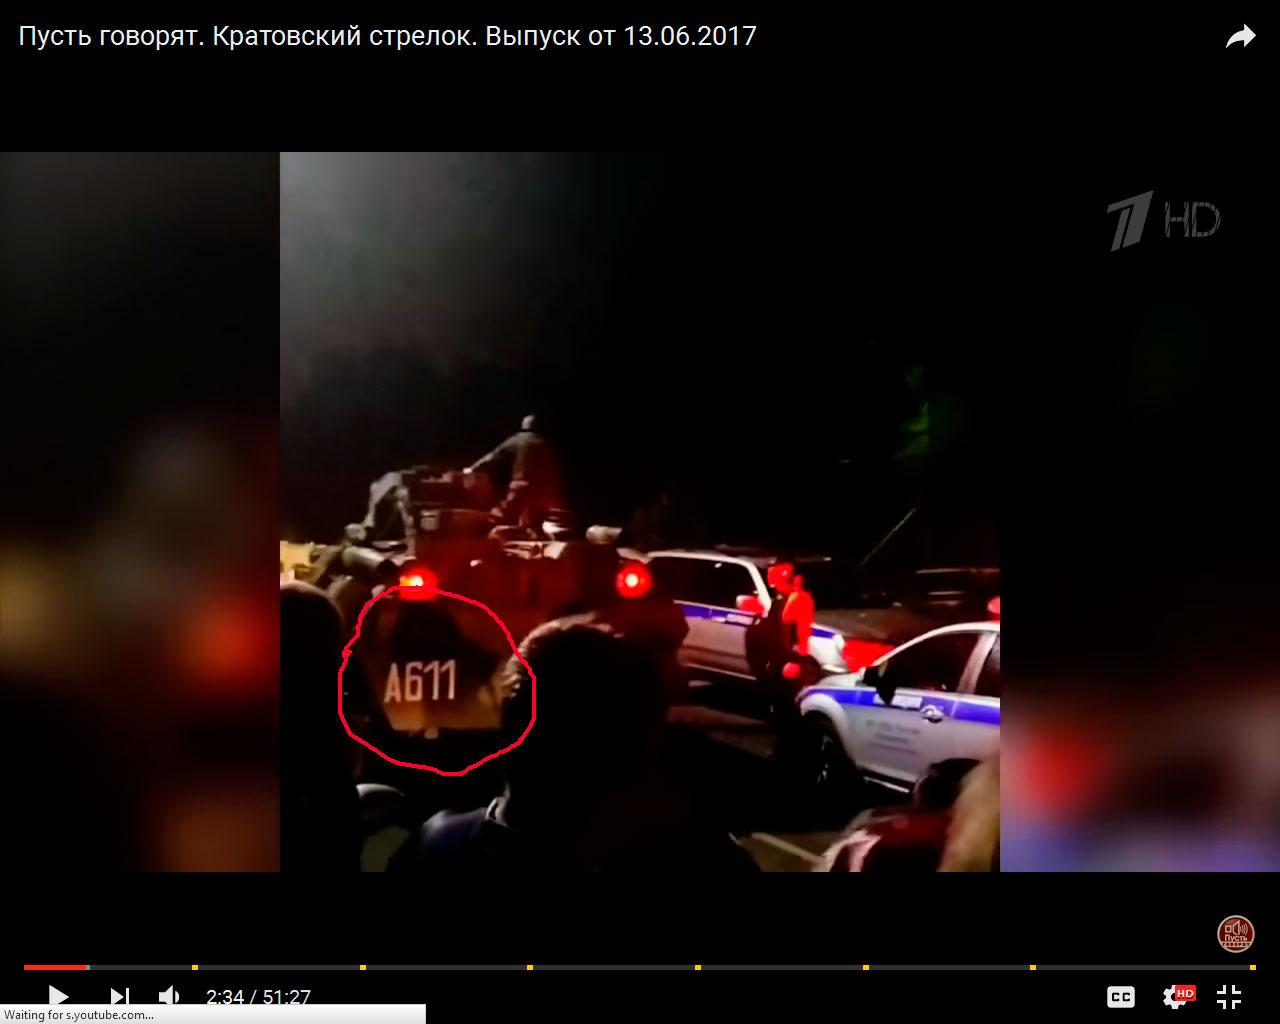 http://images.vfl.ru/ii/1497421045/b48bcbcc/17564421.jpg